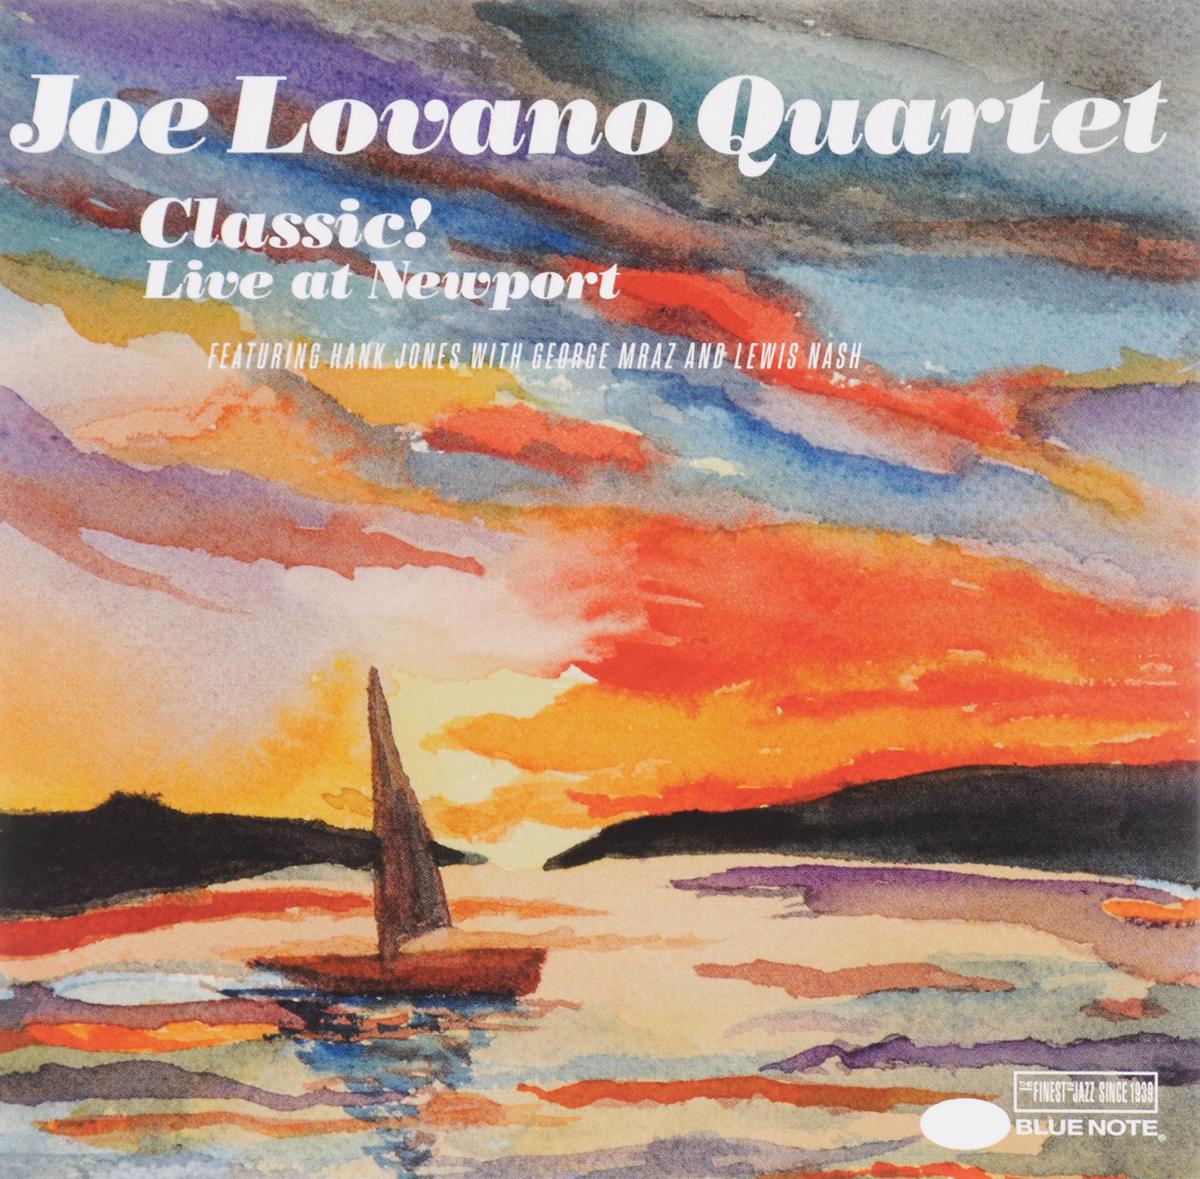 """""""Joe Lovano Quartets"""" Joe Lovano Quartet. Classic. Live At Newport"""